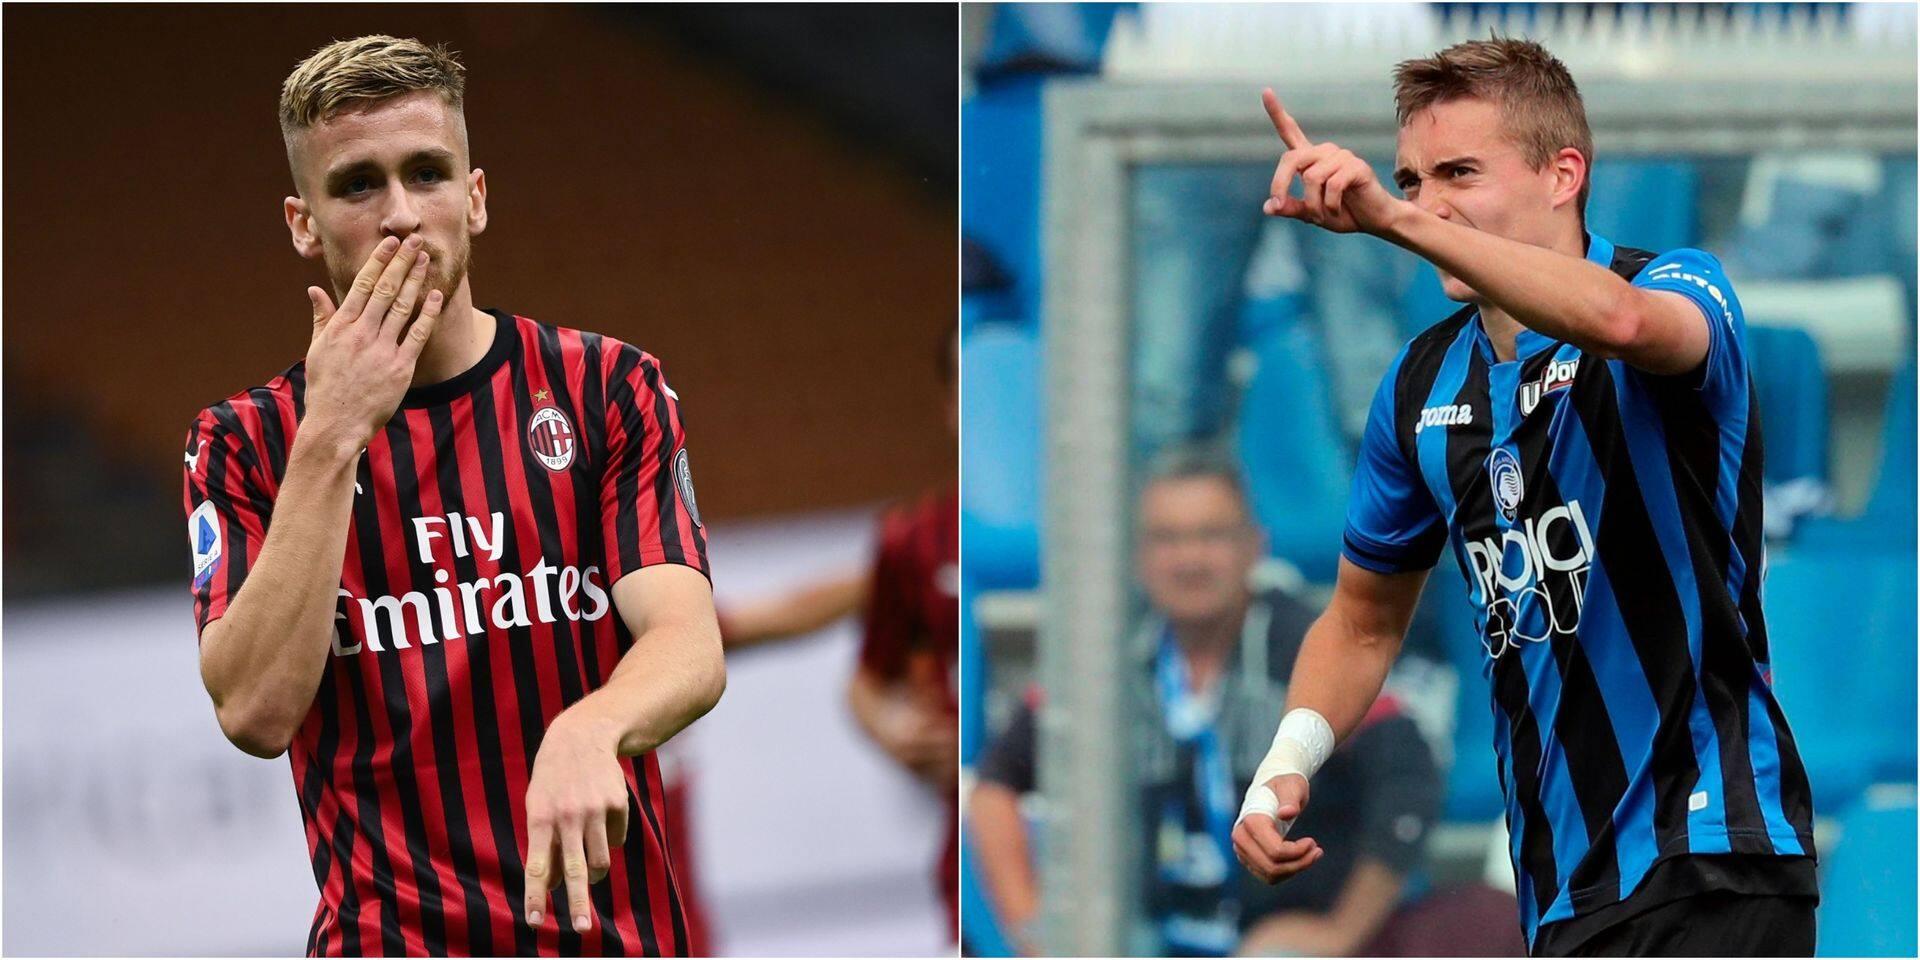 Saelemaekers et Castagne s'affrontent: suivez Milan AC-Atalanta en direct vidéo dès 21h45